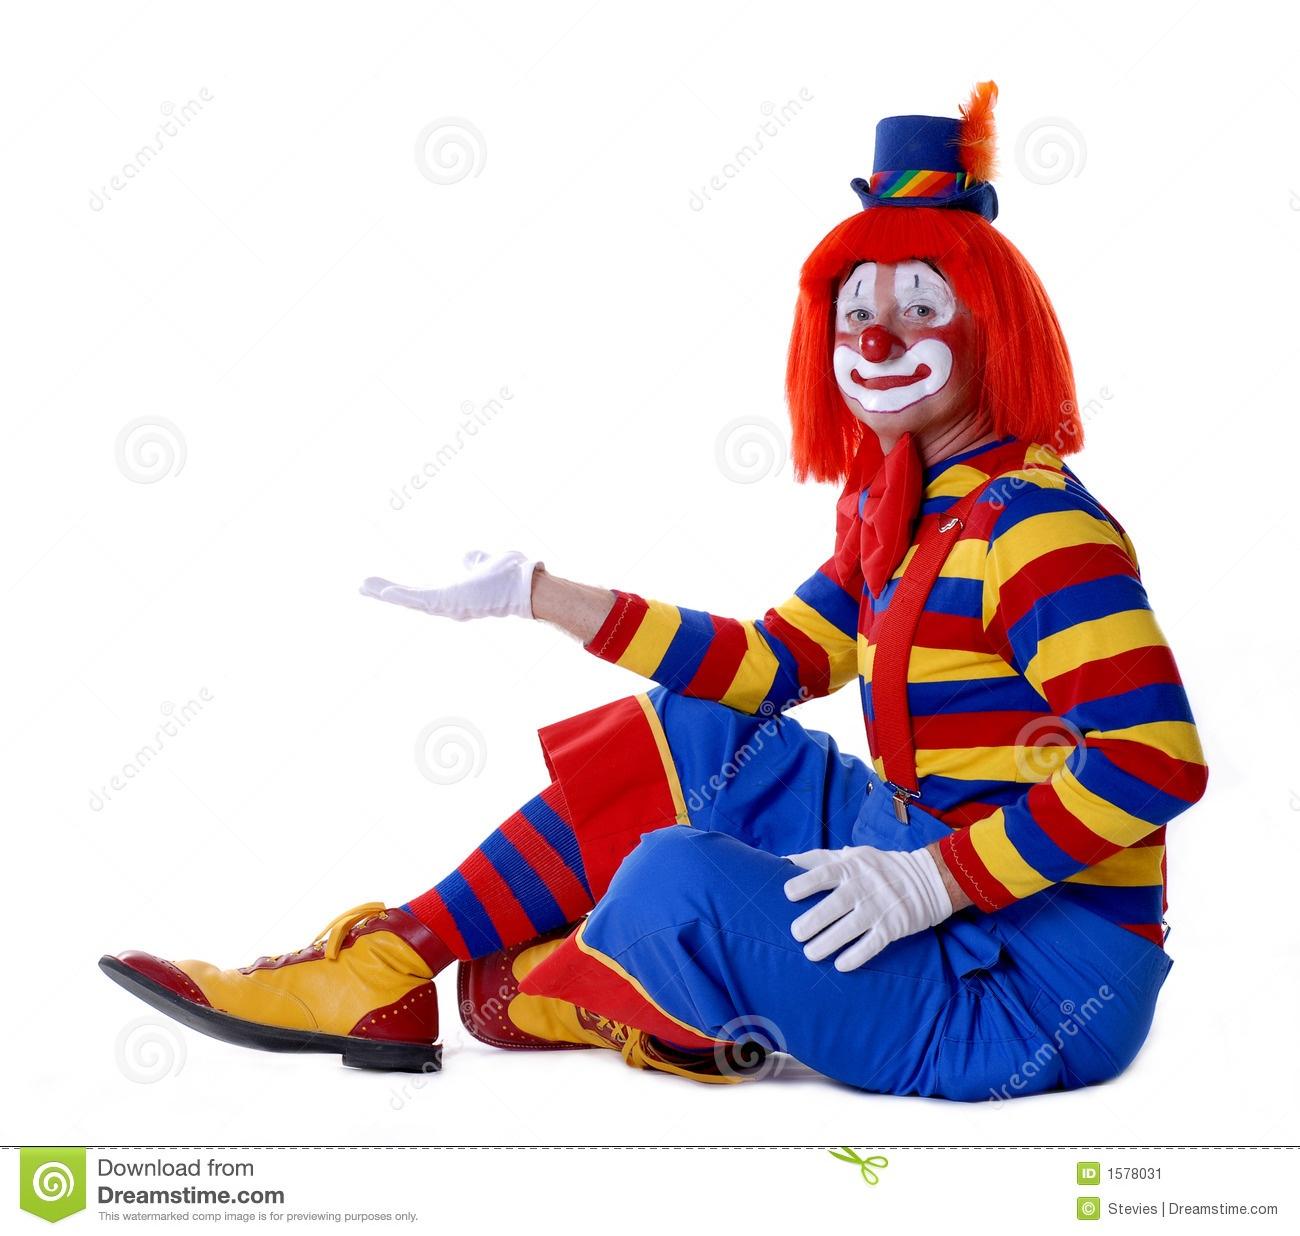 Garland Clown Rentals Rent A Clown Clown Around Party Rentals